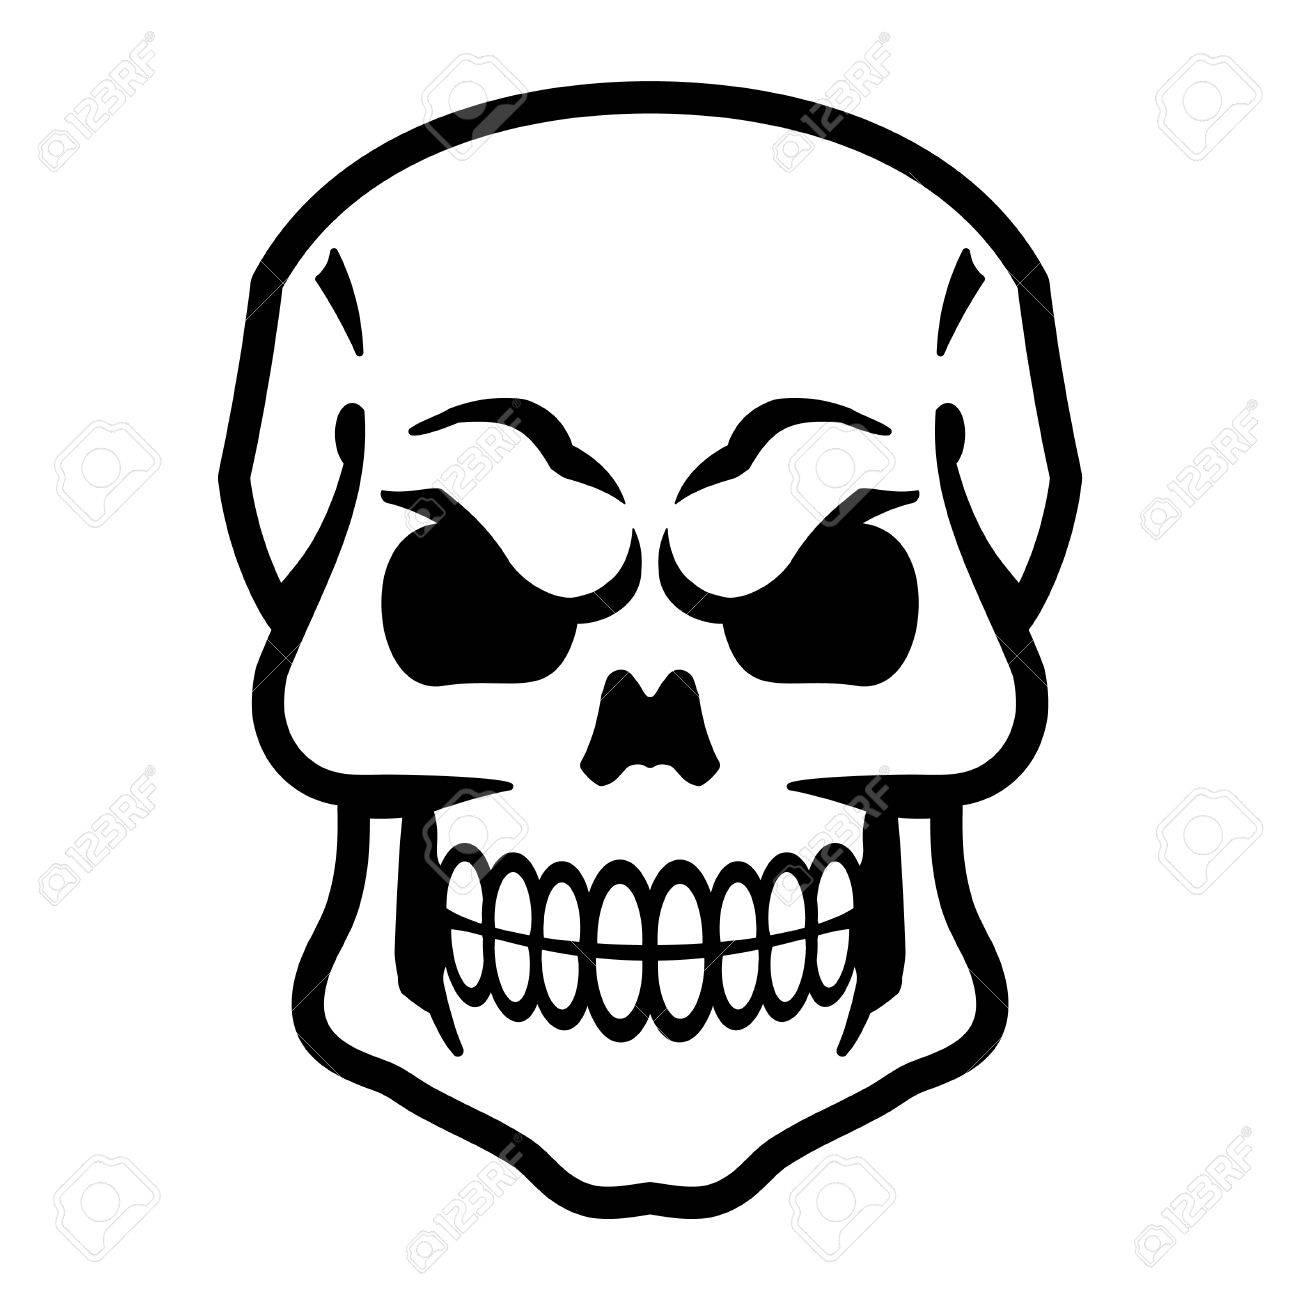 skull vector icon royalty free cliparts vectors and stock rh 123rf com vector skull free vector skull bones